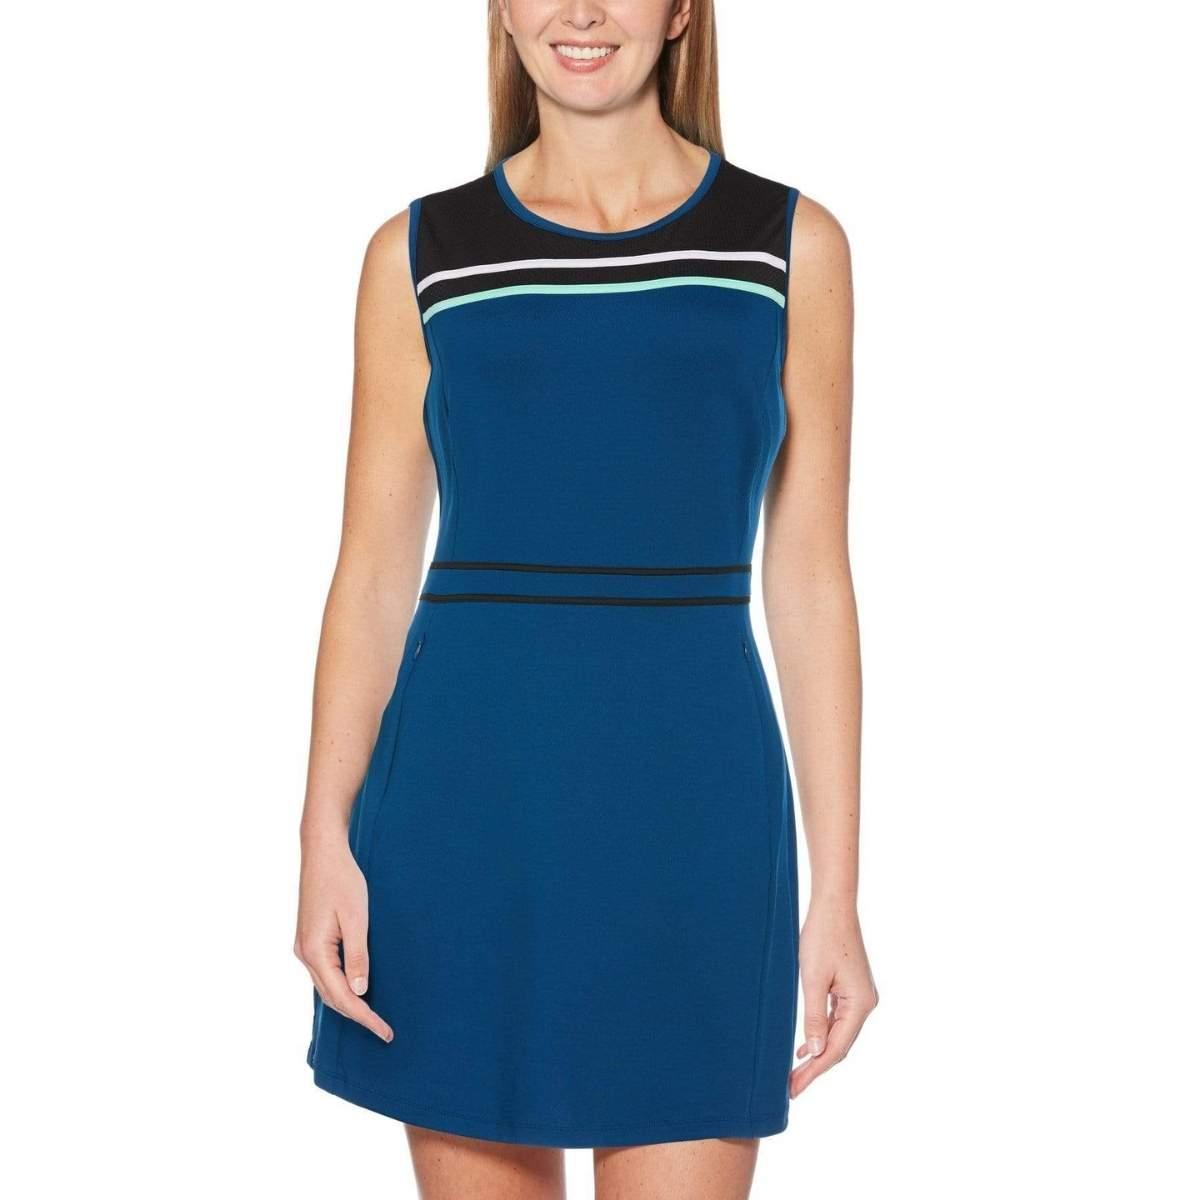 Callaway Women's Color Block TrueSculpt Golf Dress